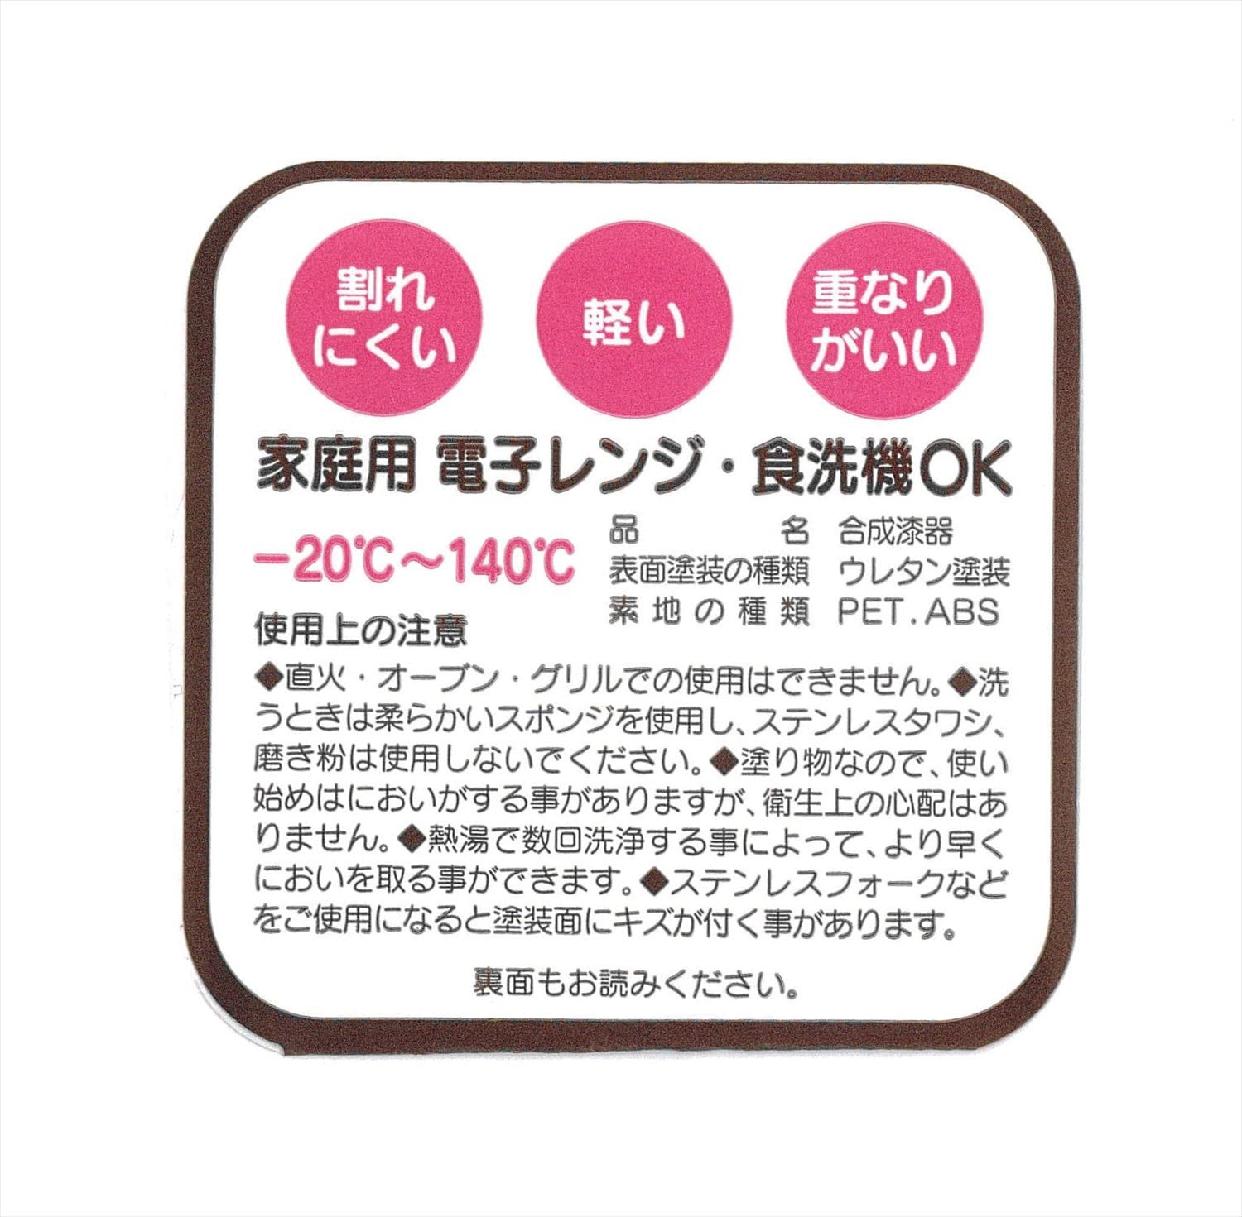 正和(ショウワ)ランチプレート スクエア L  70942 ライトブラウンの商品画像9